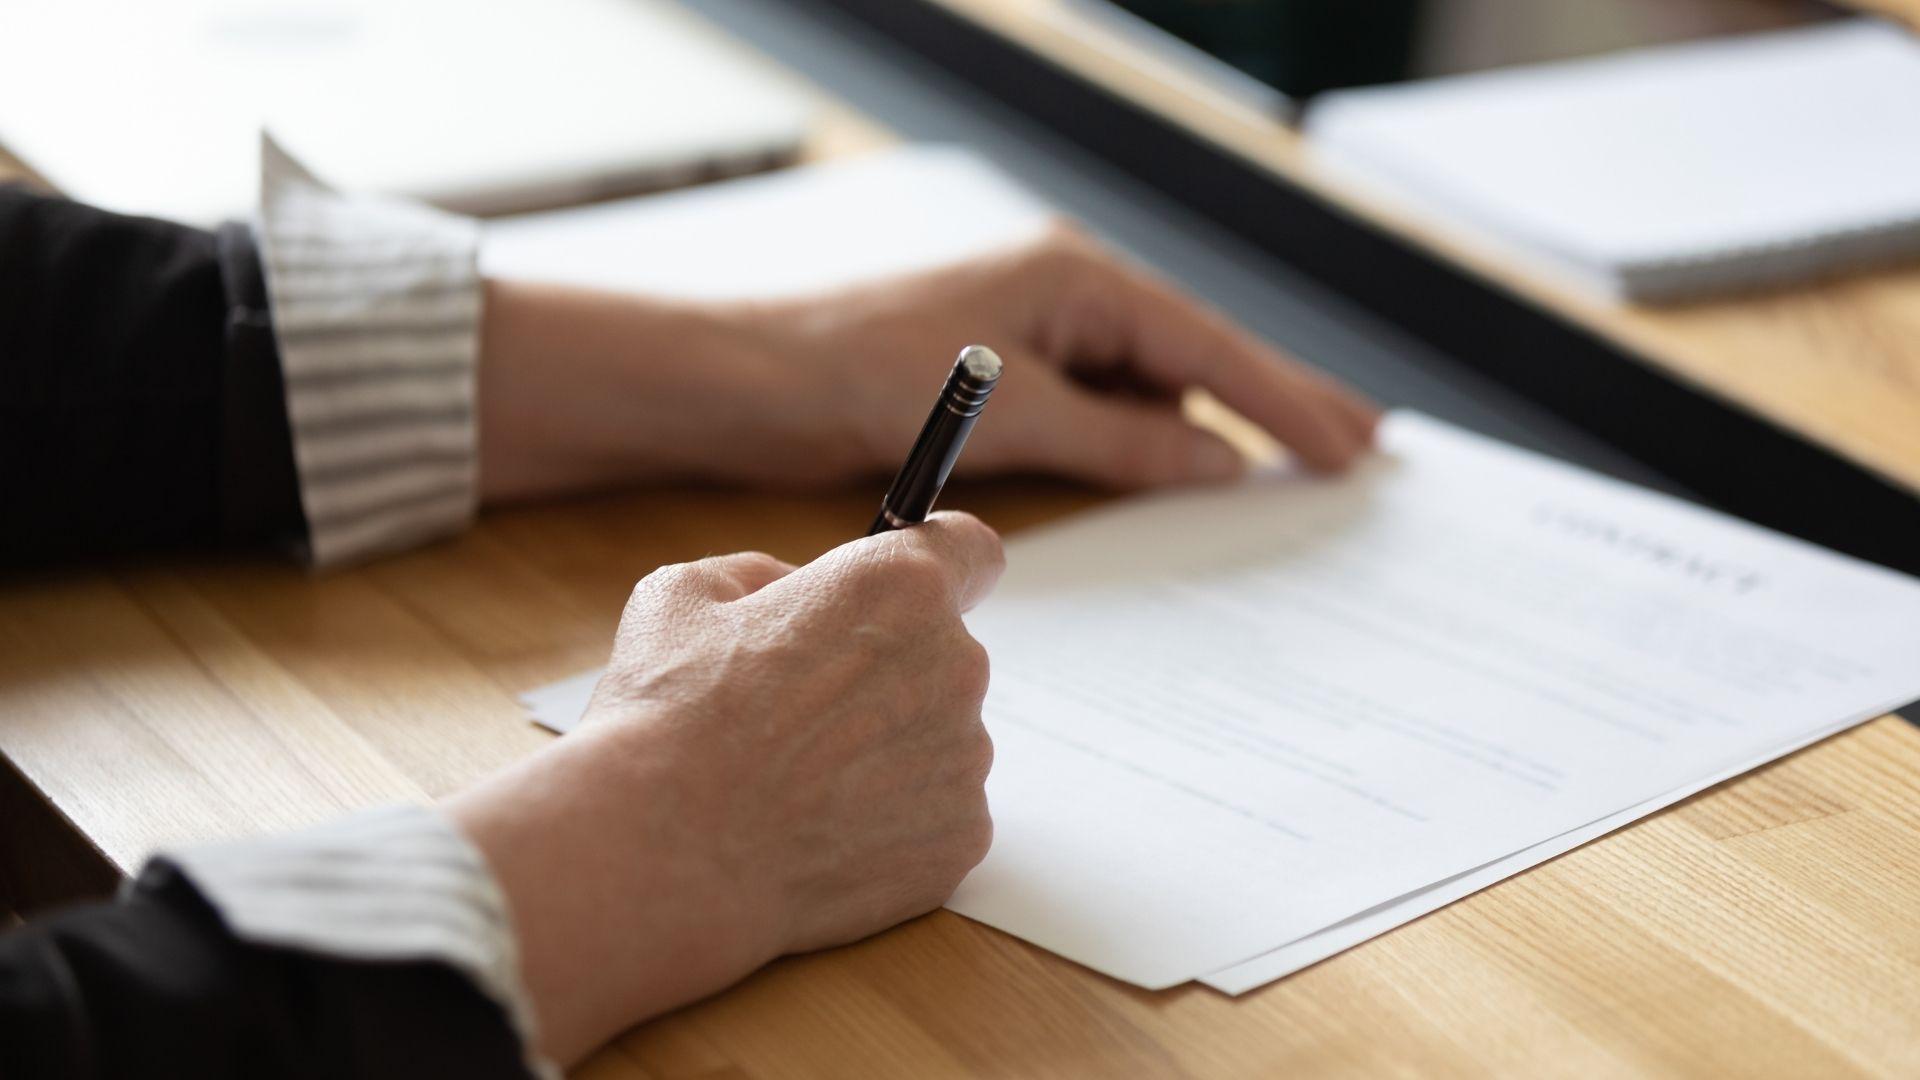 Kredyt hipoteczny - jak zacząć, krok po kroku i na luzie